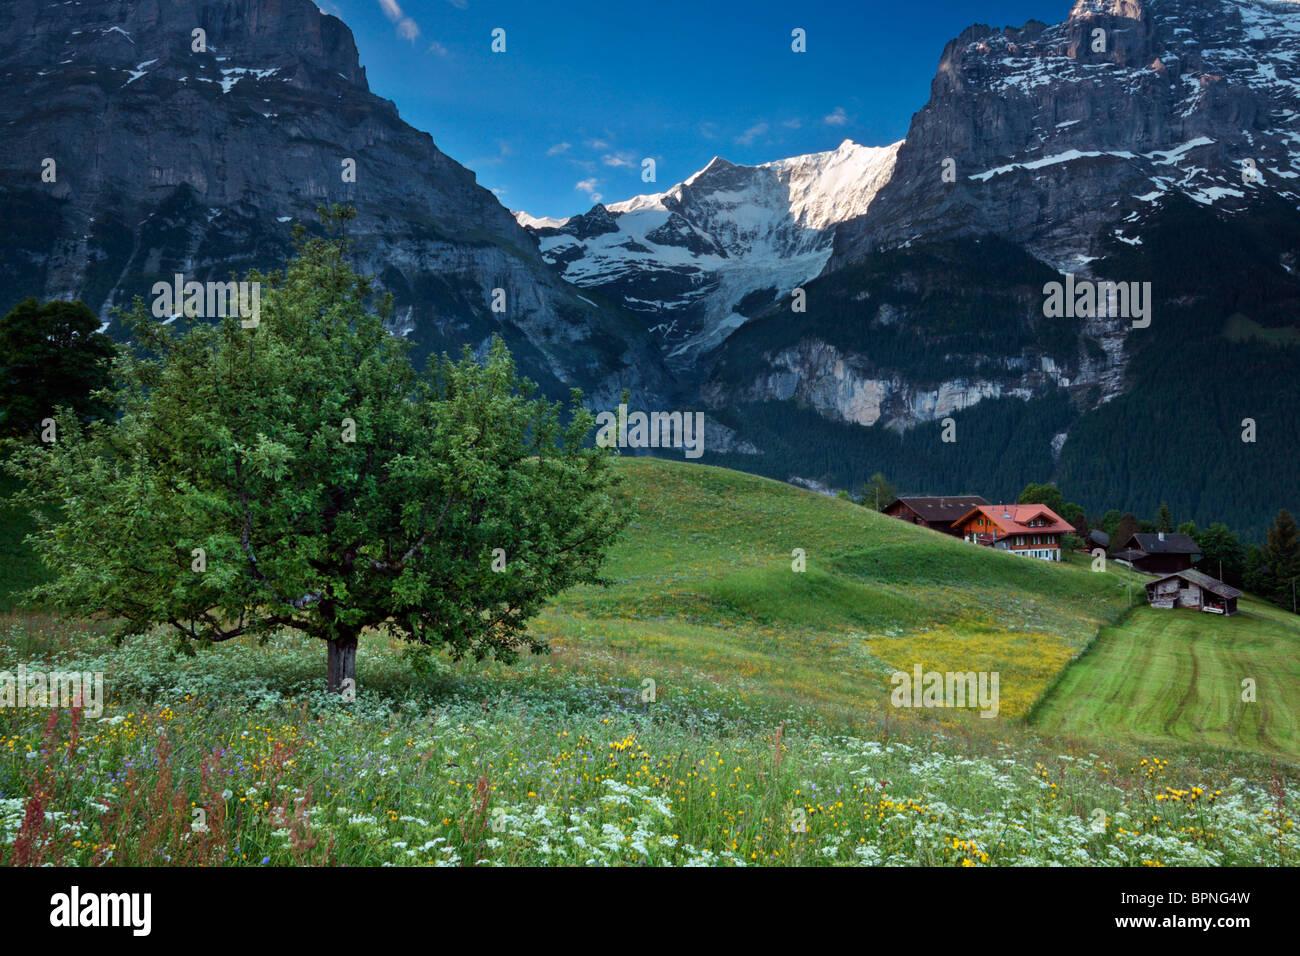 Licht des morgens küsst die Gipfel der Berge im schweizerischen Grindelwald Tal Stockbild